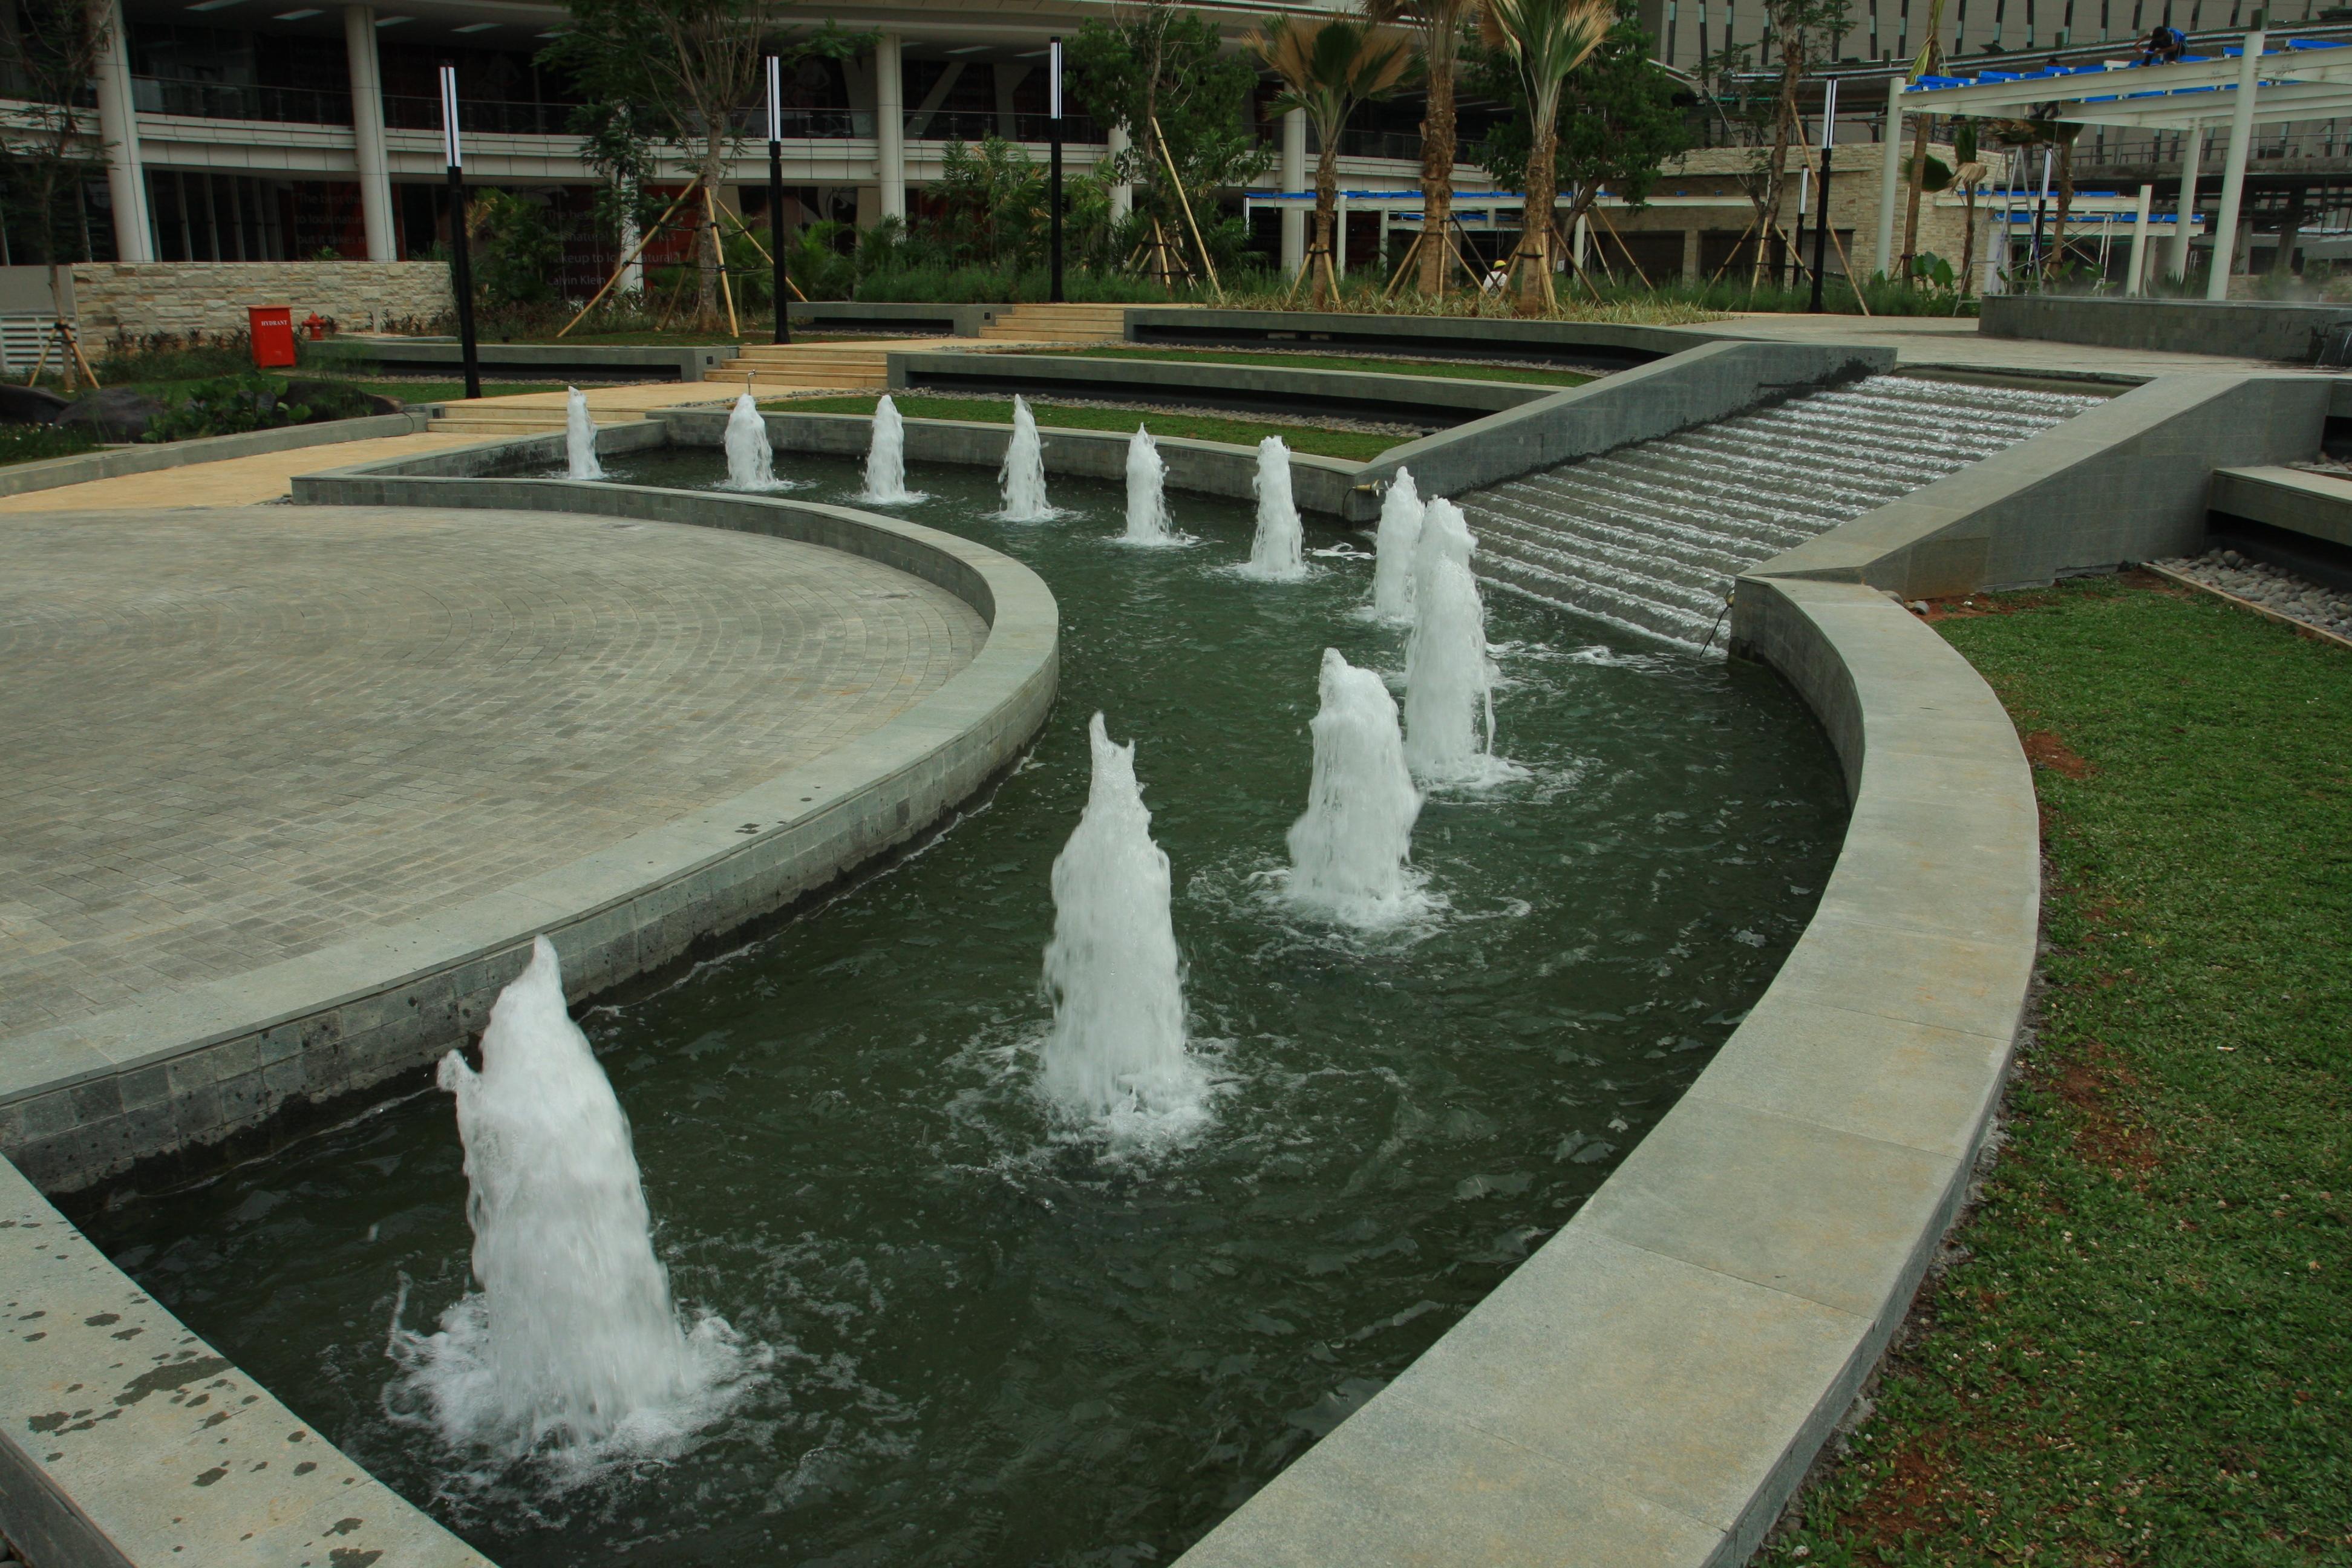 Maenair pool